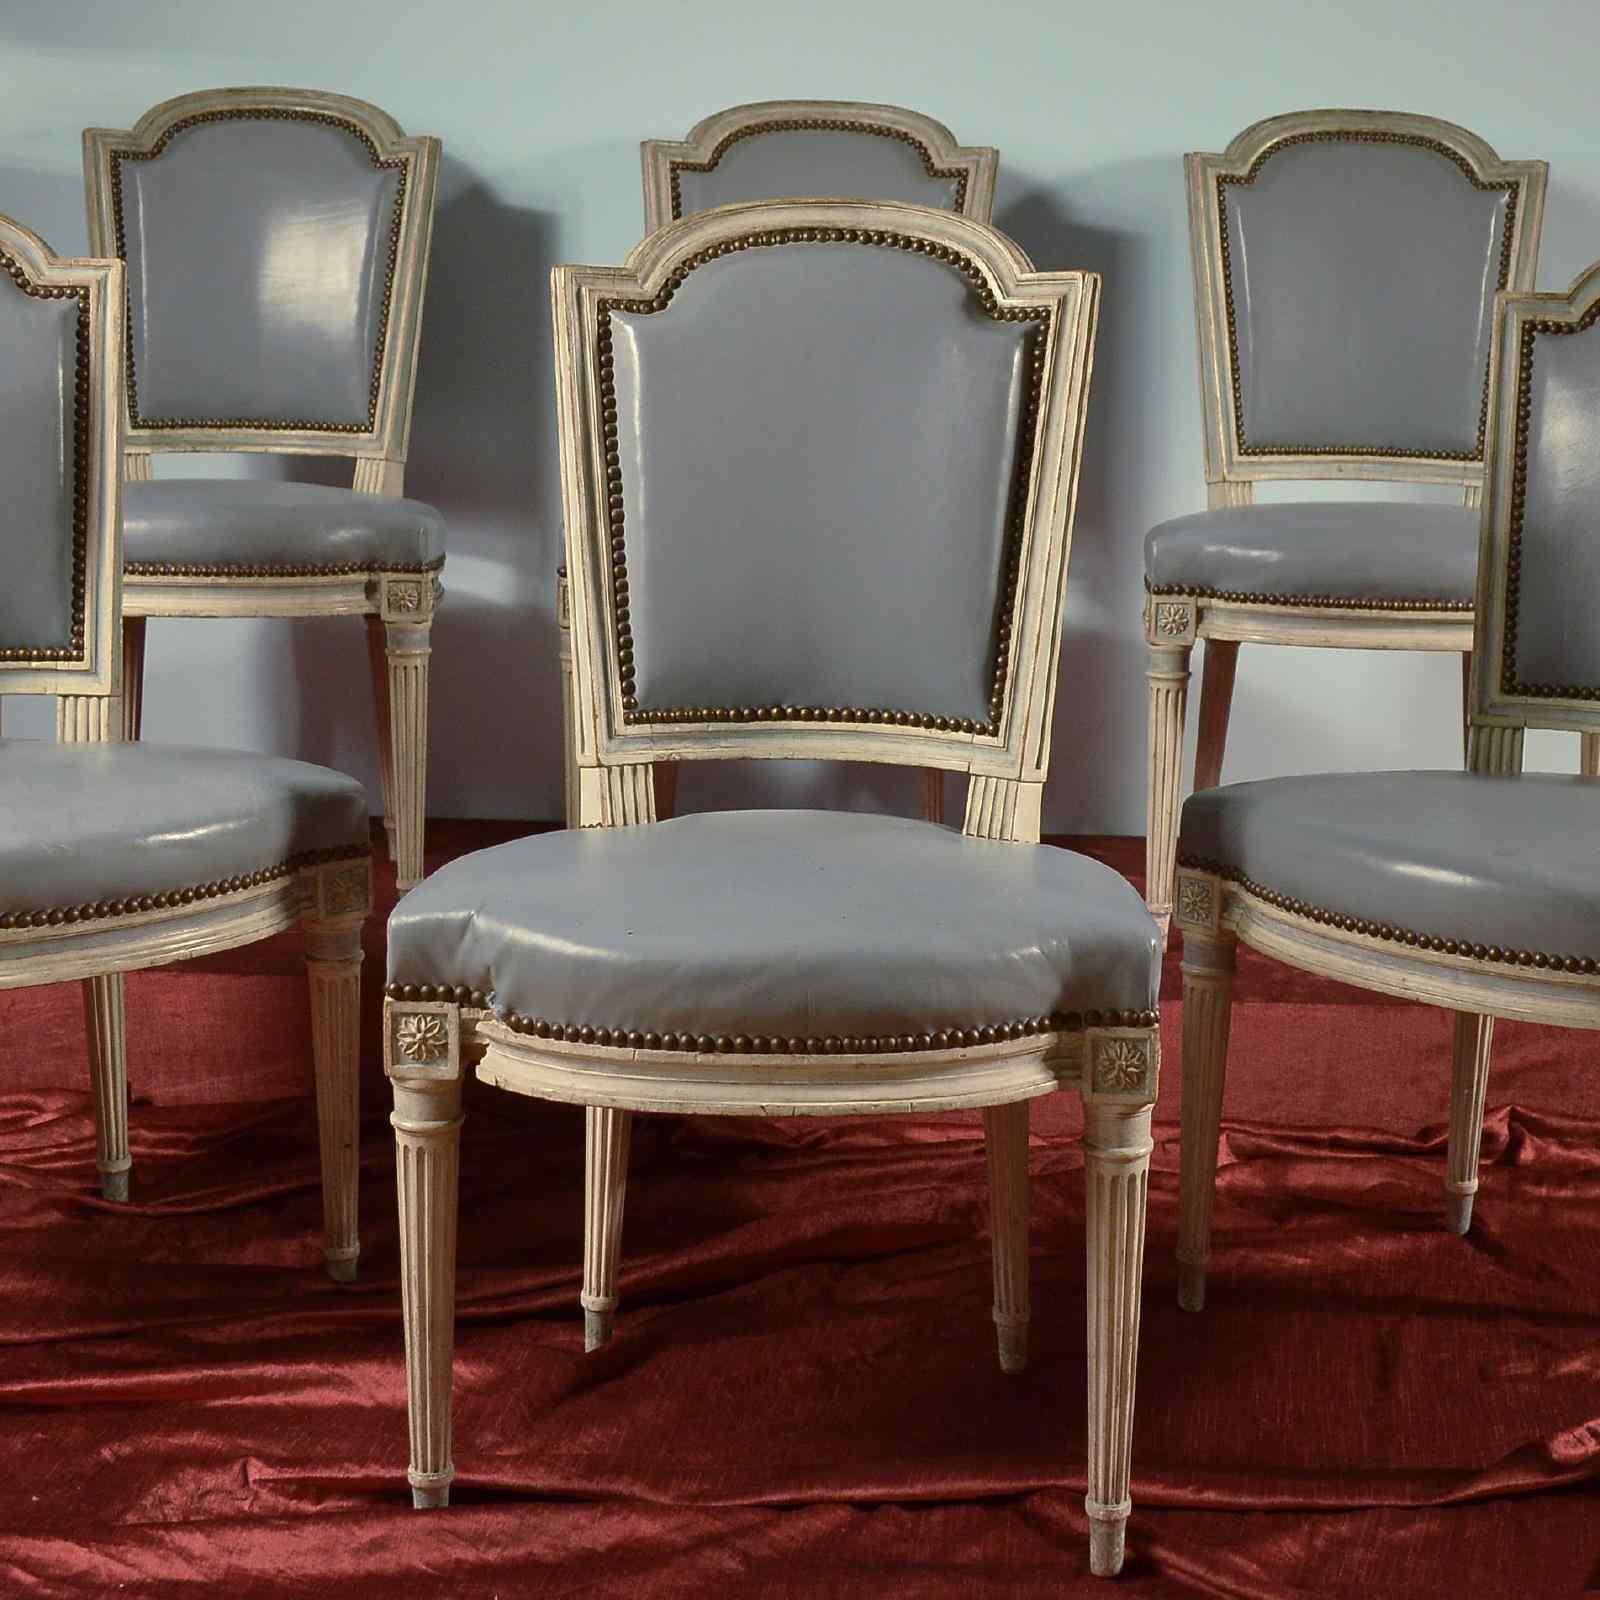 Groupe de chaises laquées antique - Paris XVIII siècle